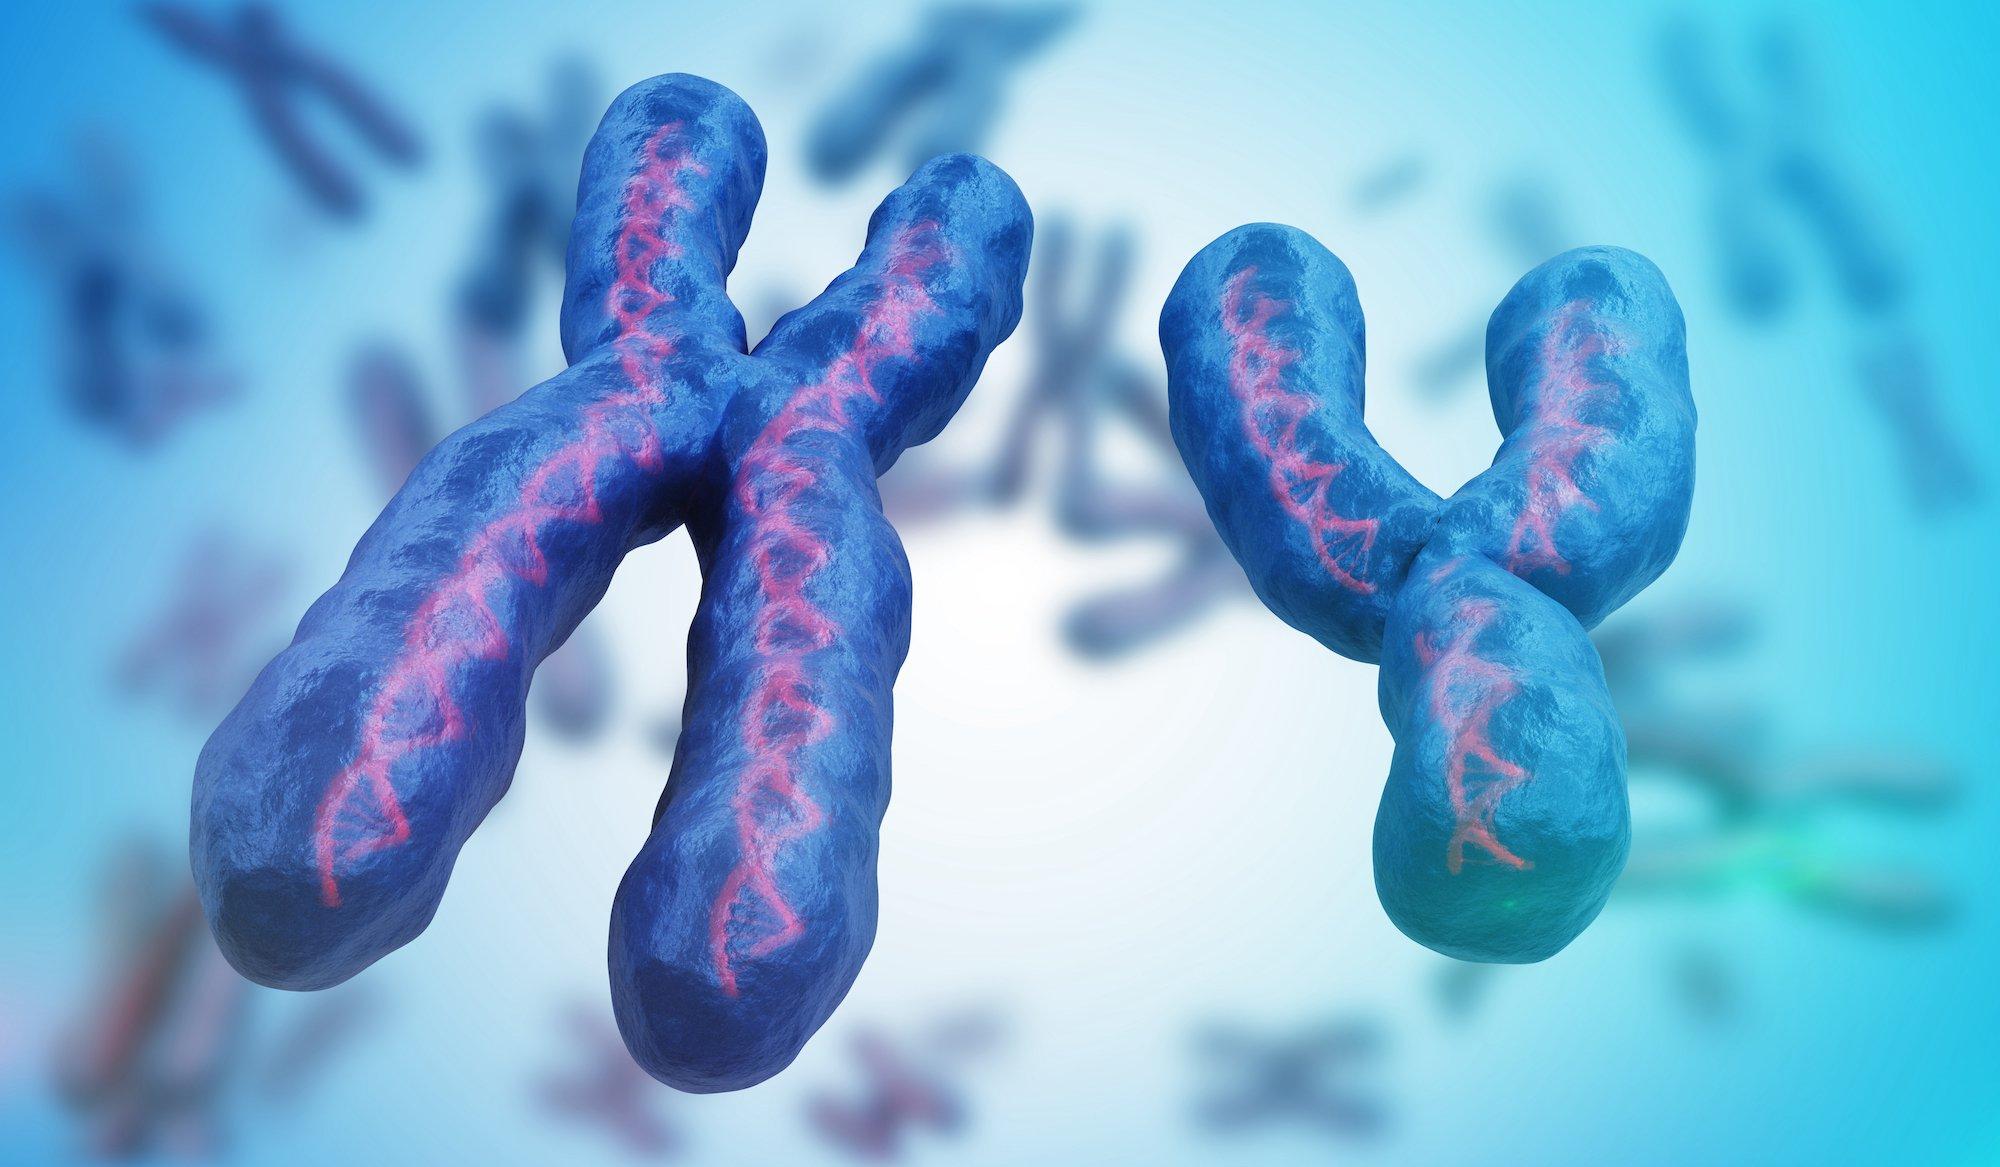 XY染色體及其中包裹的DNA雙螺旋結構示意圖。(ShutterStock)